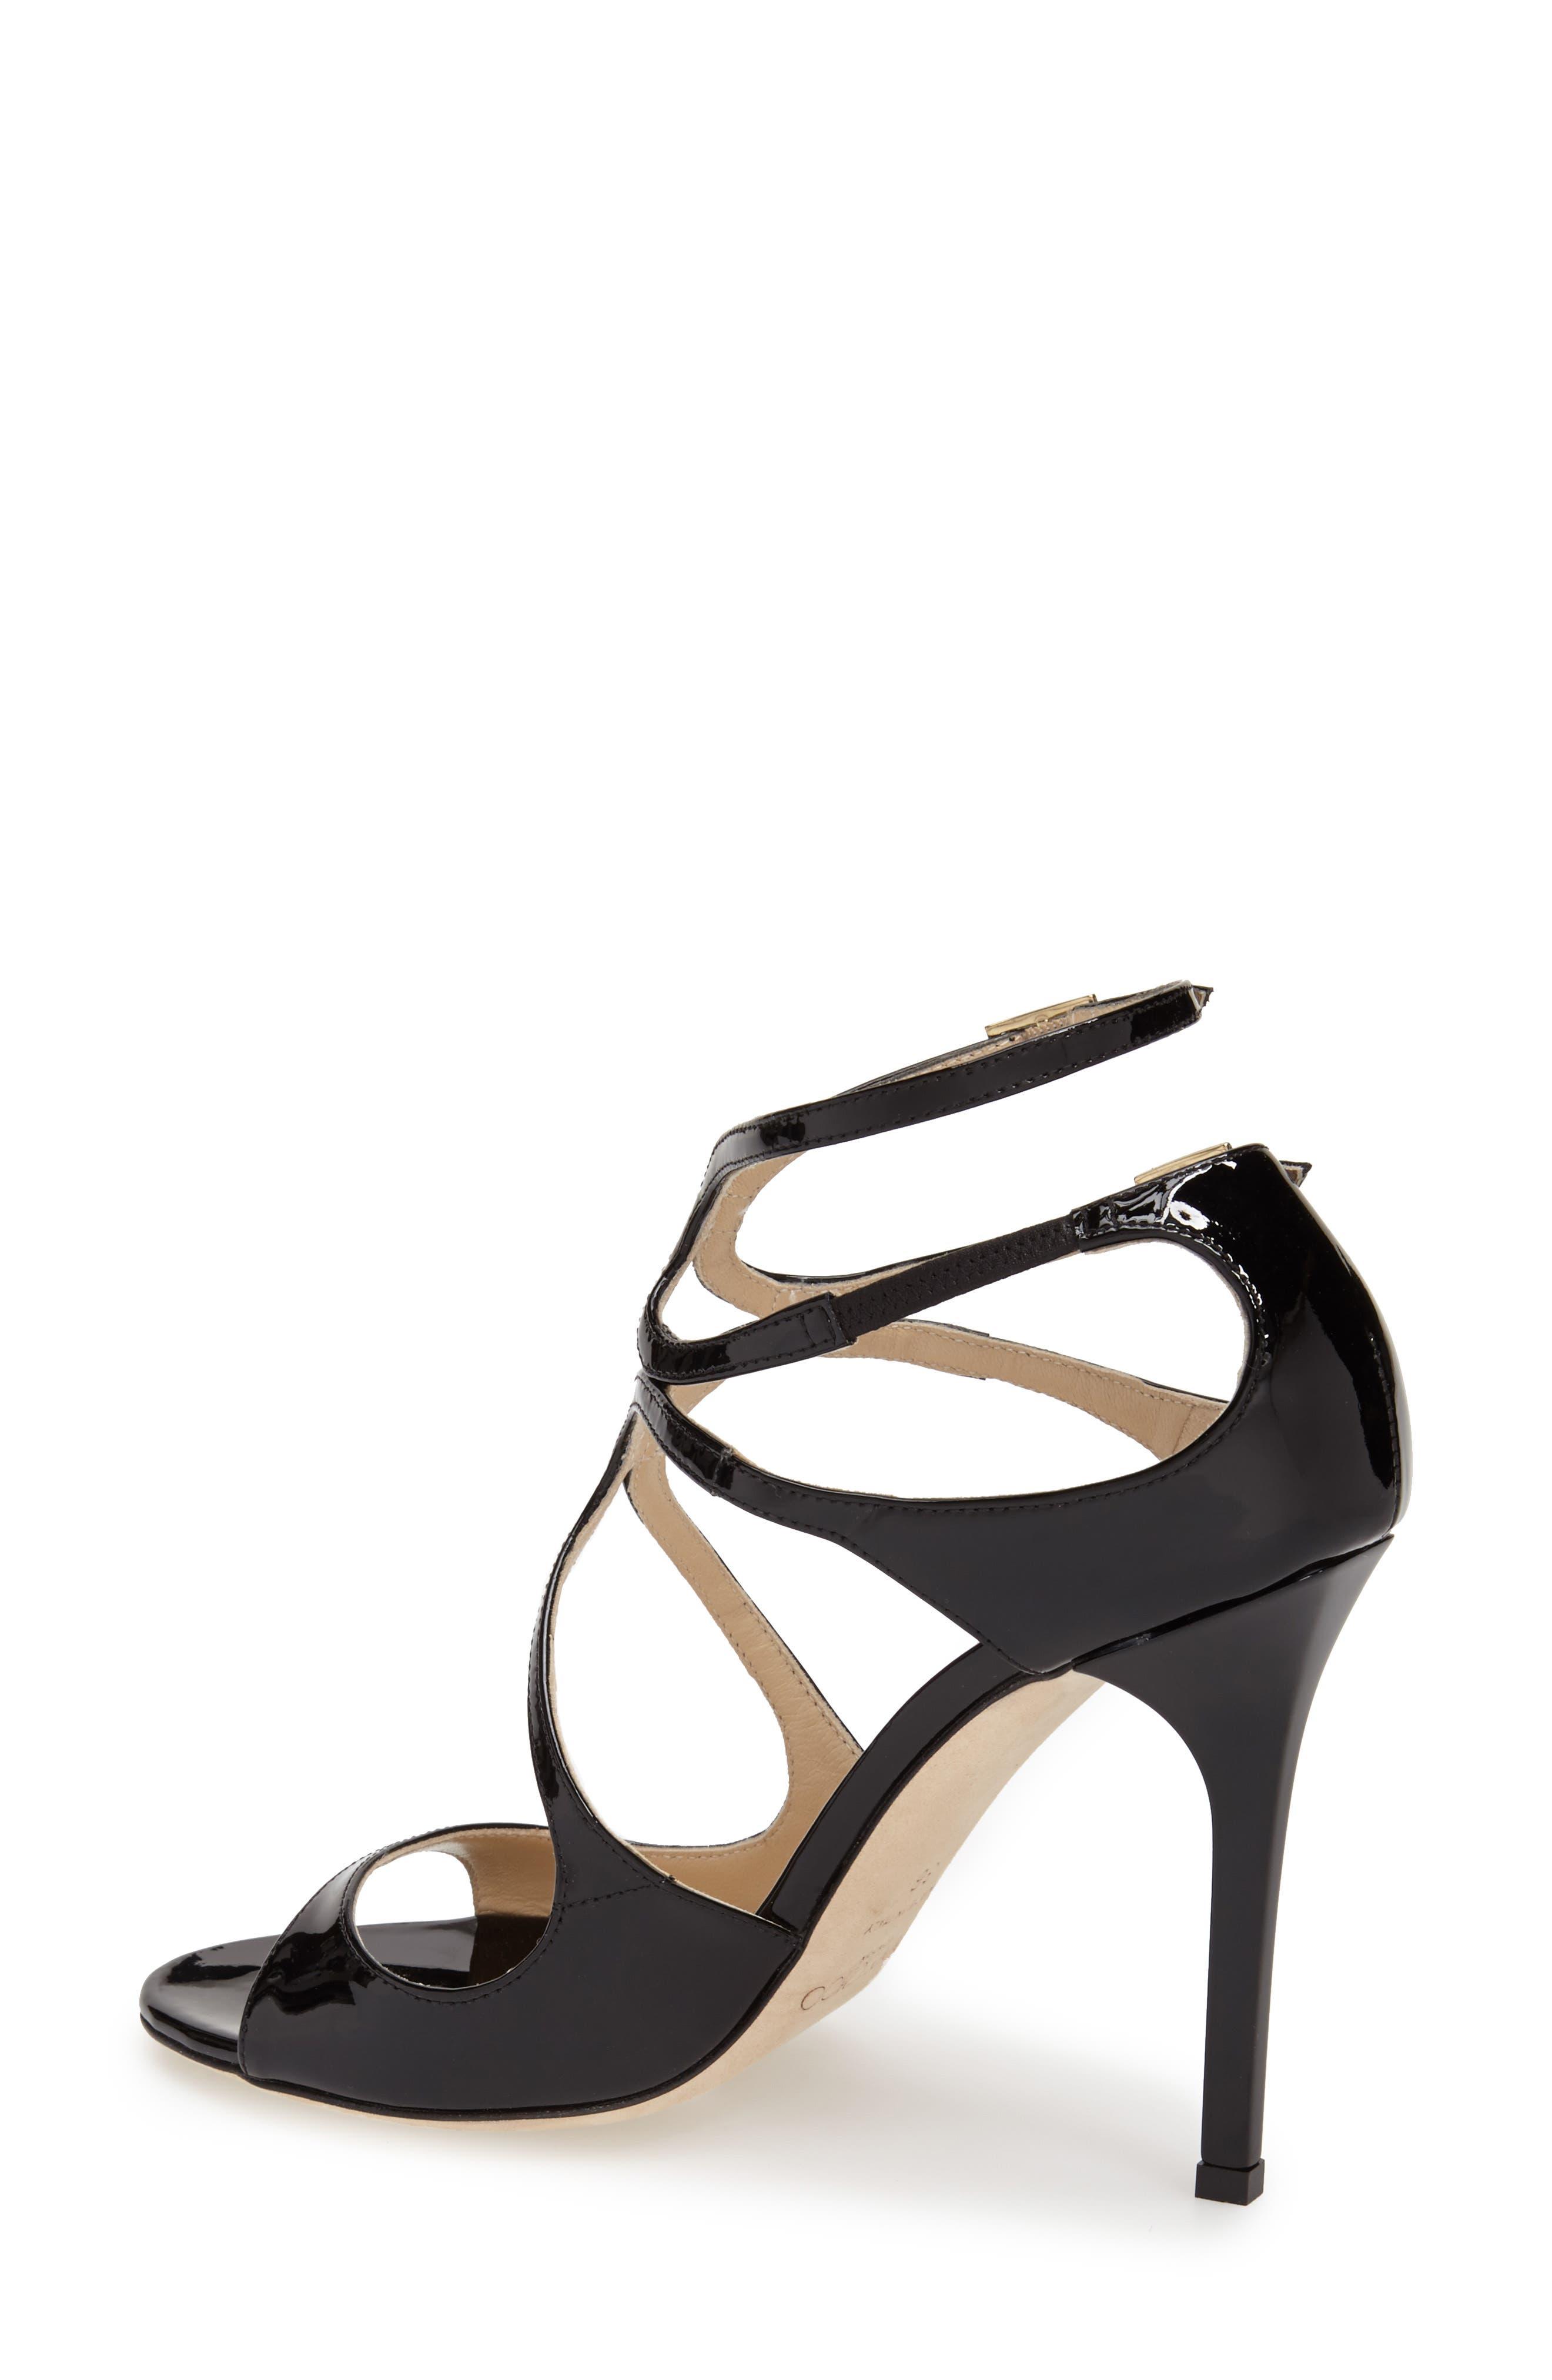 'Lang' Sandal,                             Main thumbnail 1, color,                             BLACK PATENT